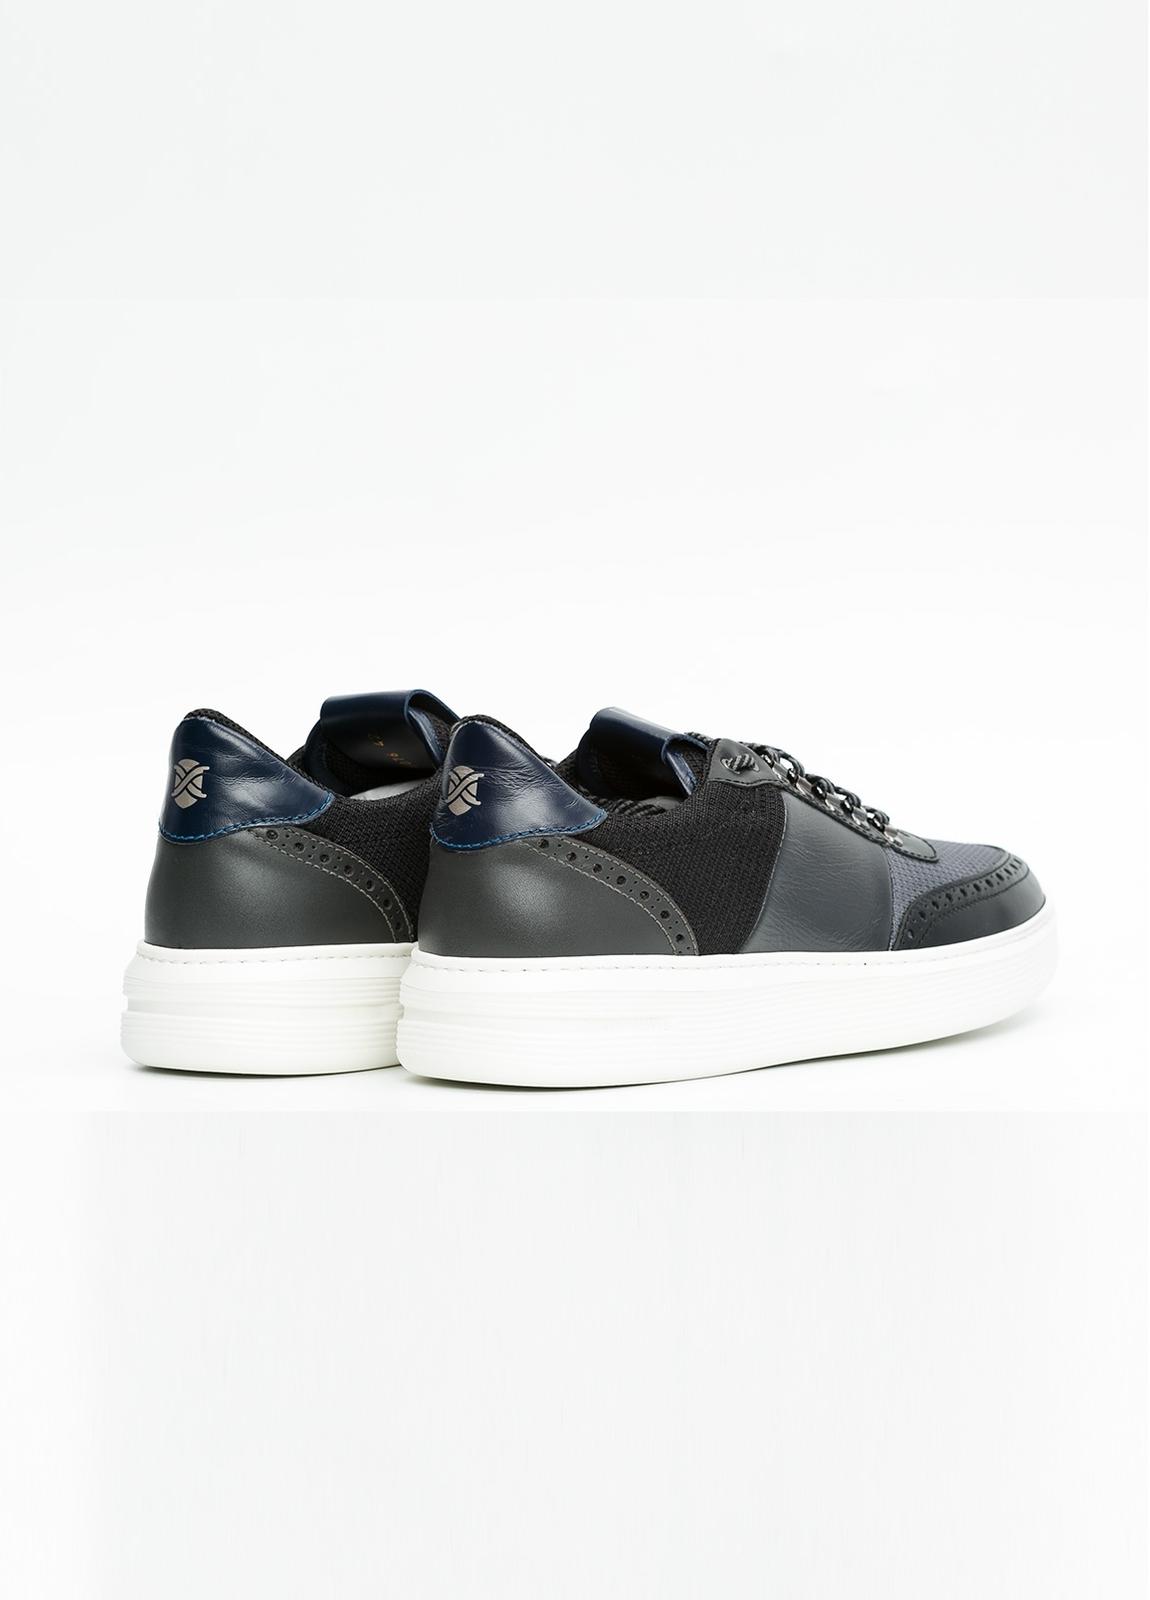 Calzado sport color negro y combinación de piel y tejido técnico. - Ítem3